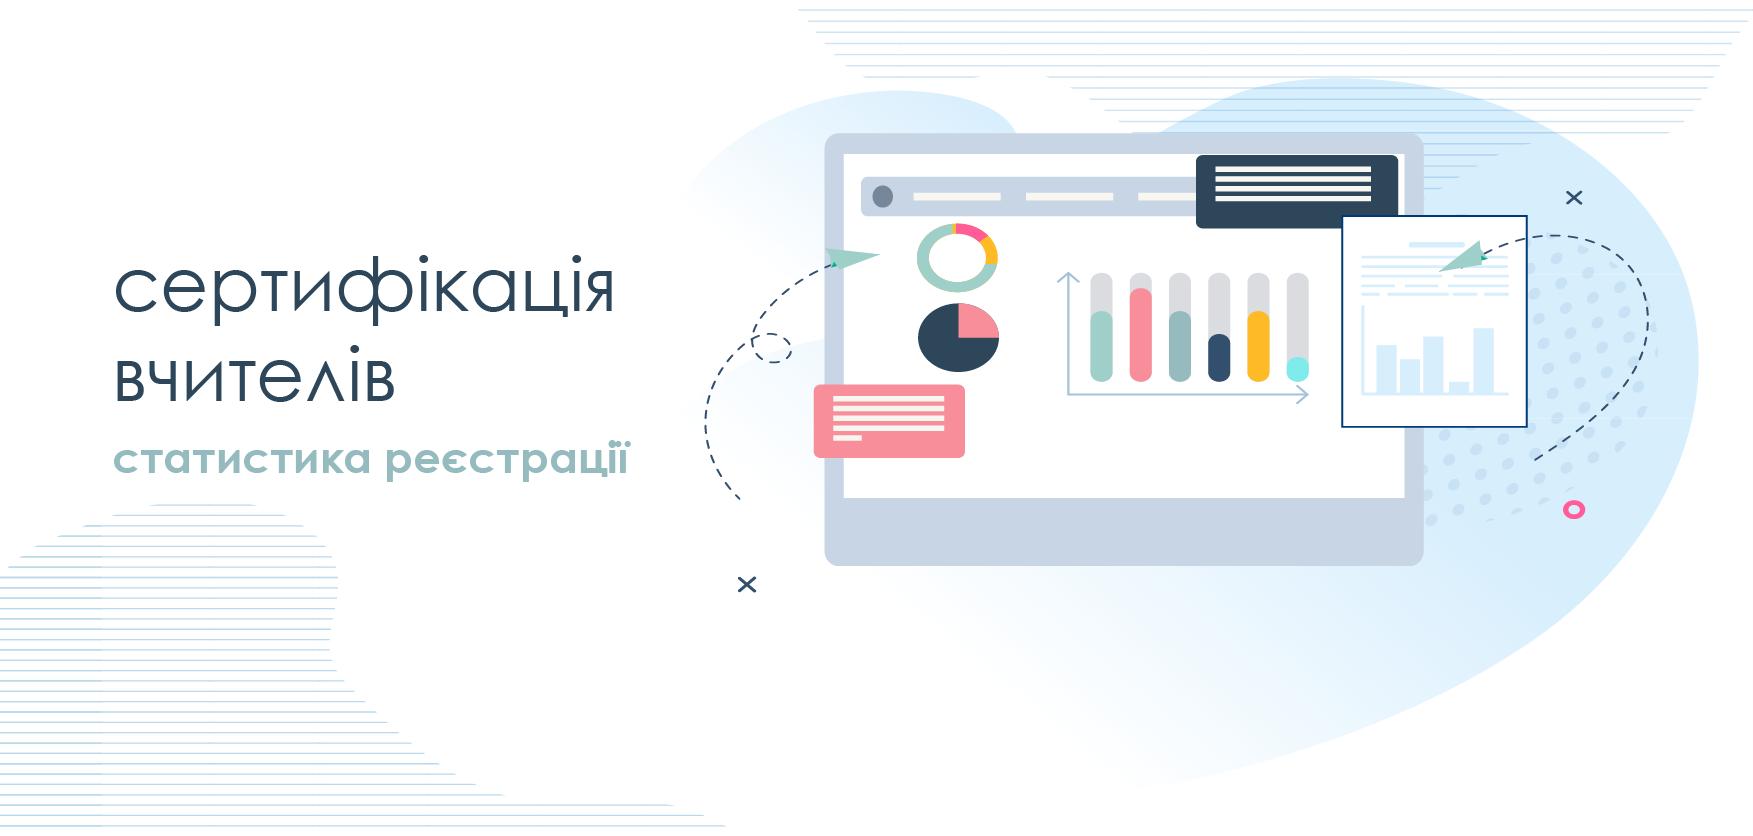 Перший етап сертифікації вчителів відбудеться 29 лютого - УЦОЯО, київщина, Київ - vchyt